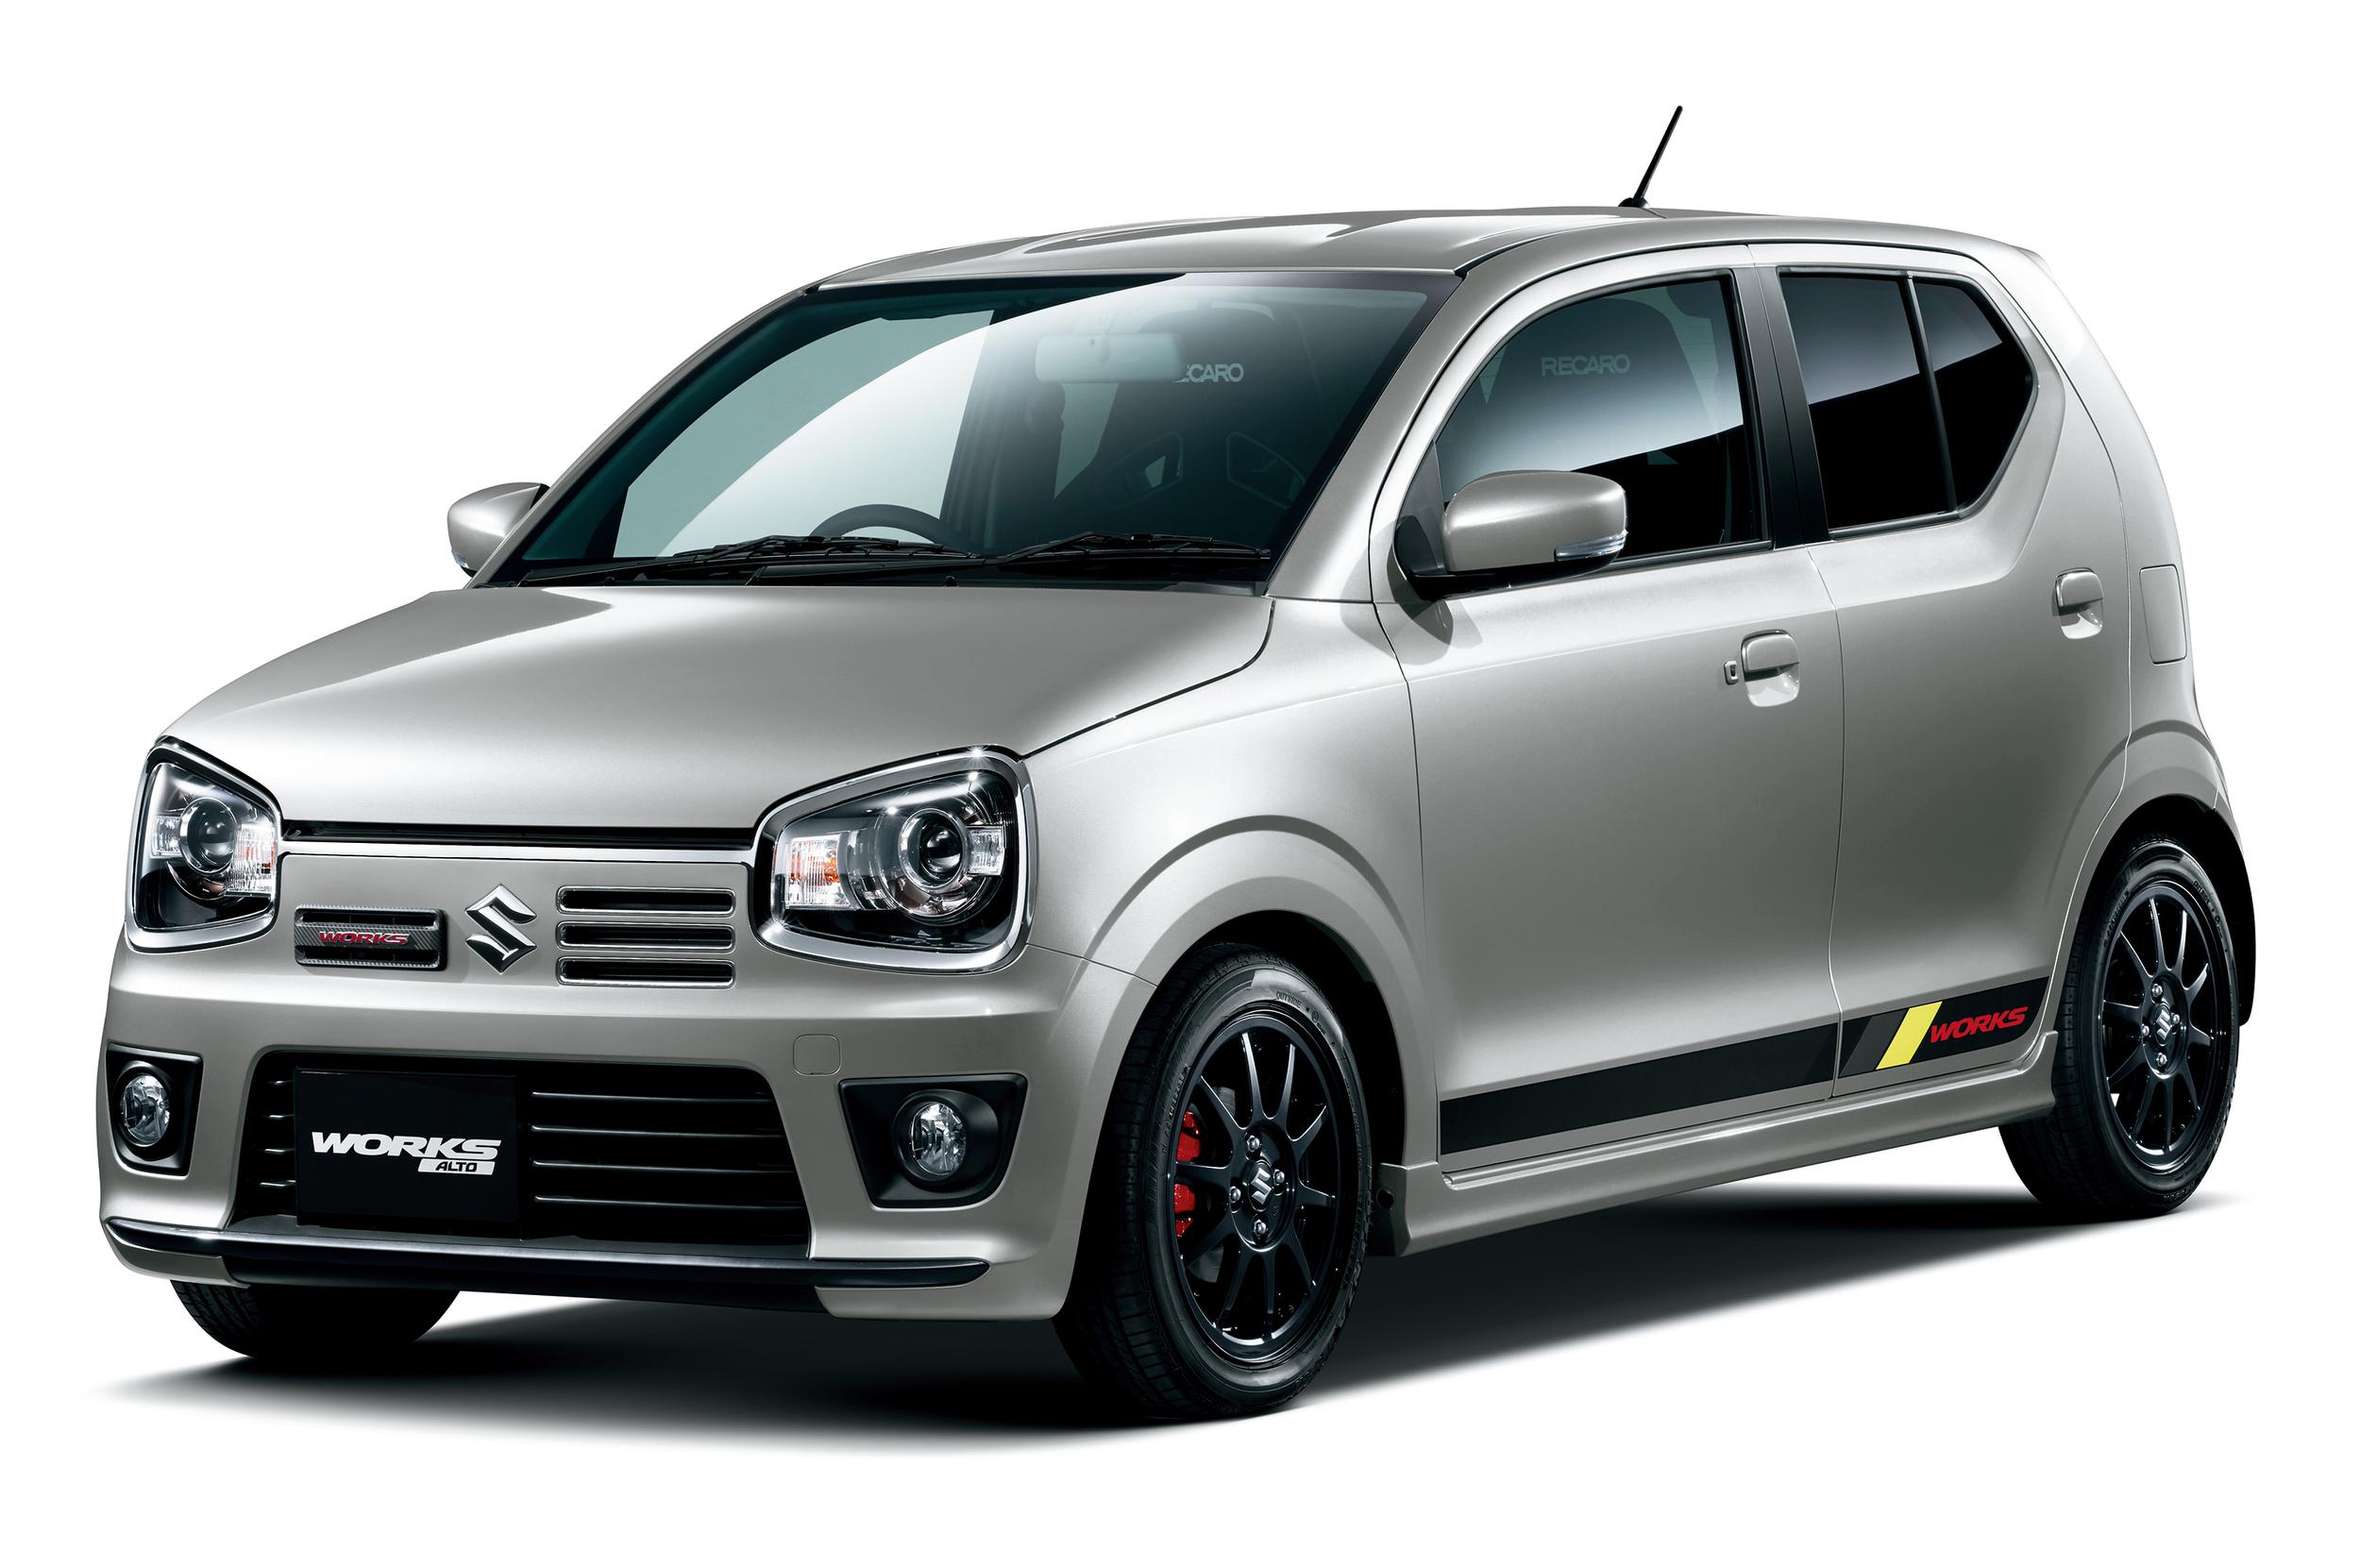 Suzuki Alto Works Is One Awesome Hatchback 1